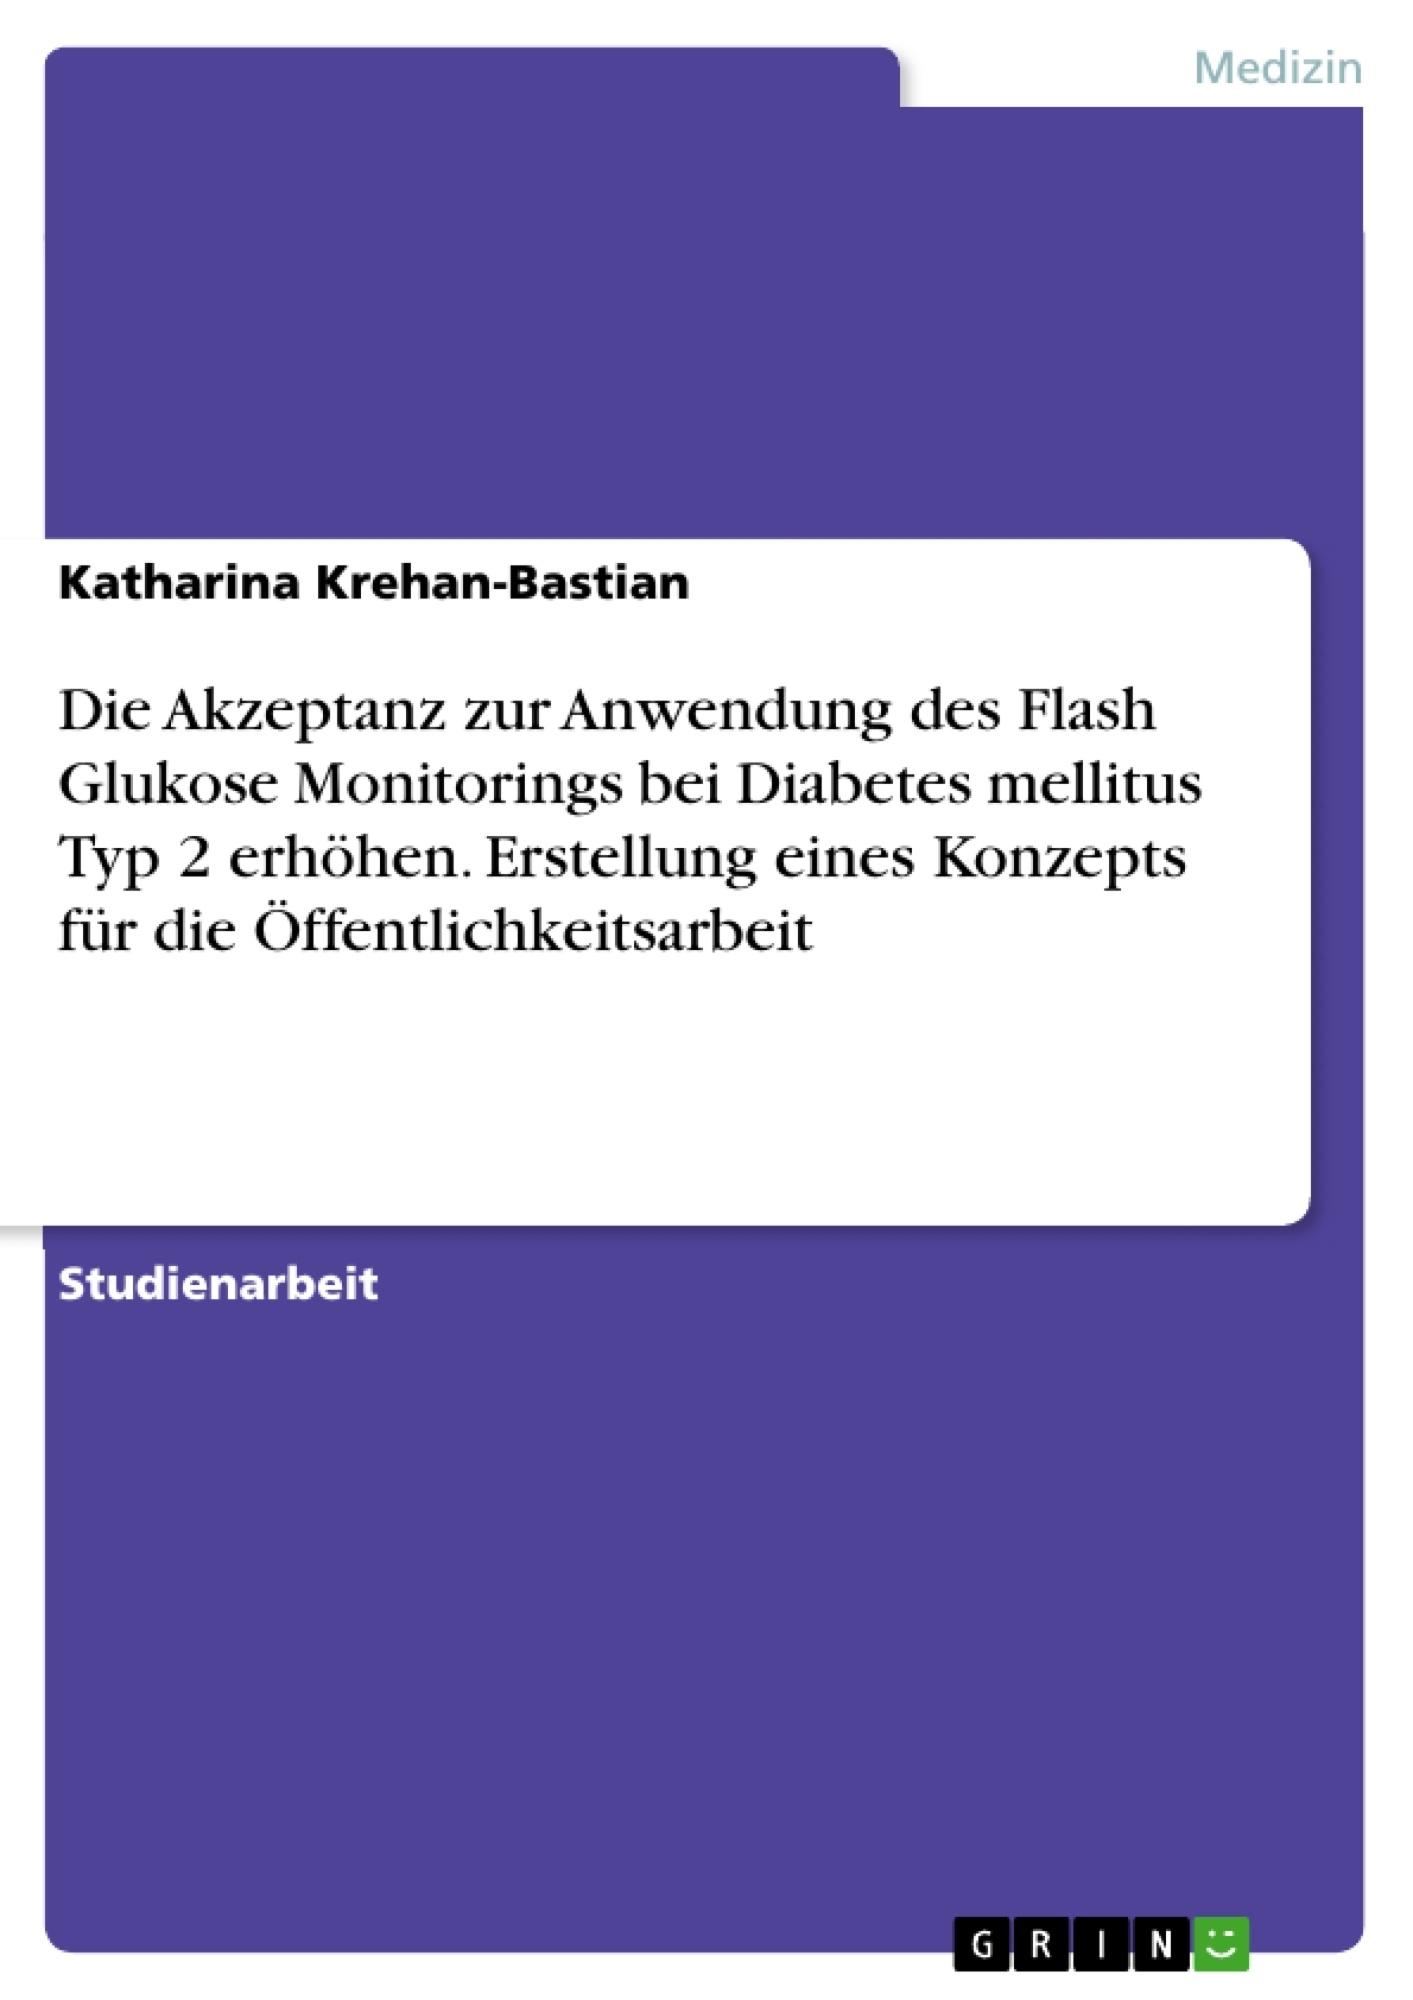 Titel: Die Akzeptanz zur Anwendung des Flash Glukose Monitorings bei Diabetes mellitus Typ 2 erhöhen. Erstellung eines Konzepts für die Öffentlichkeitsarbeit